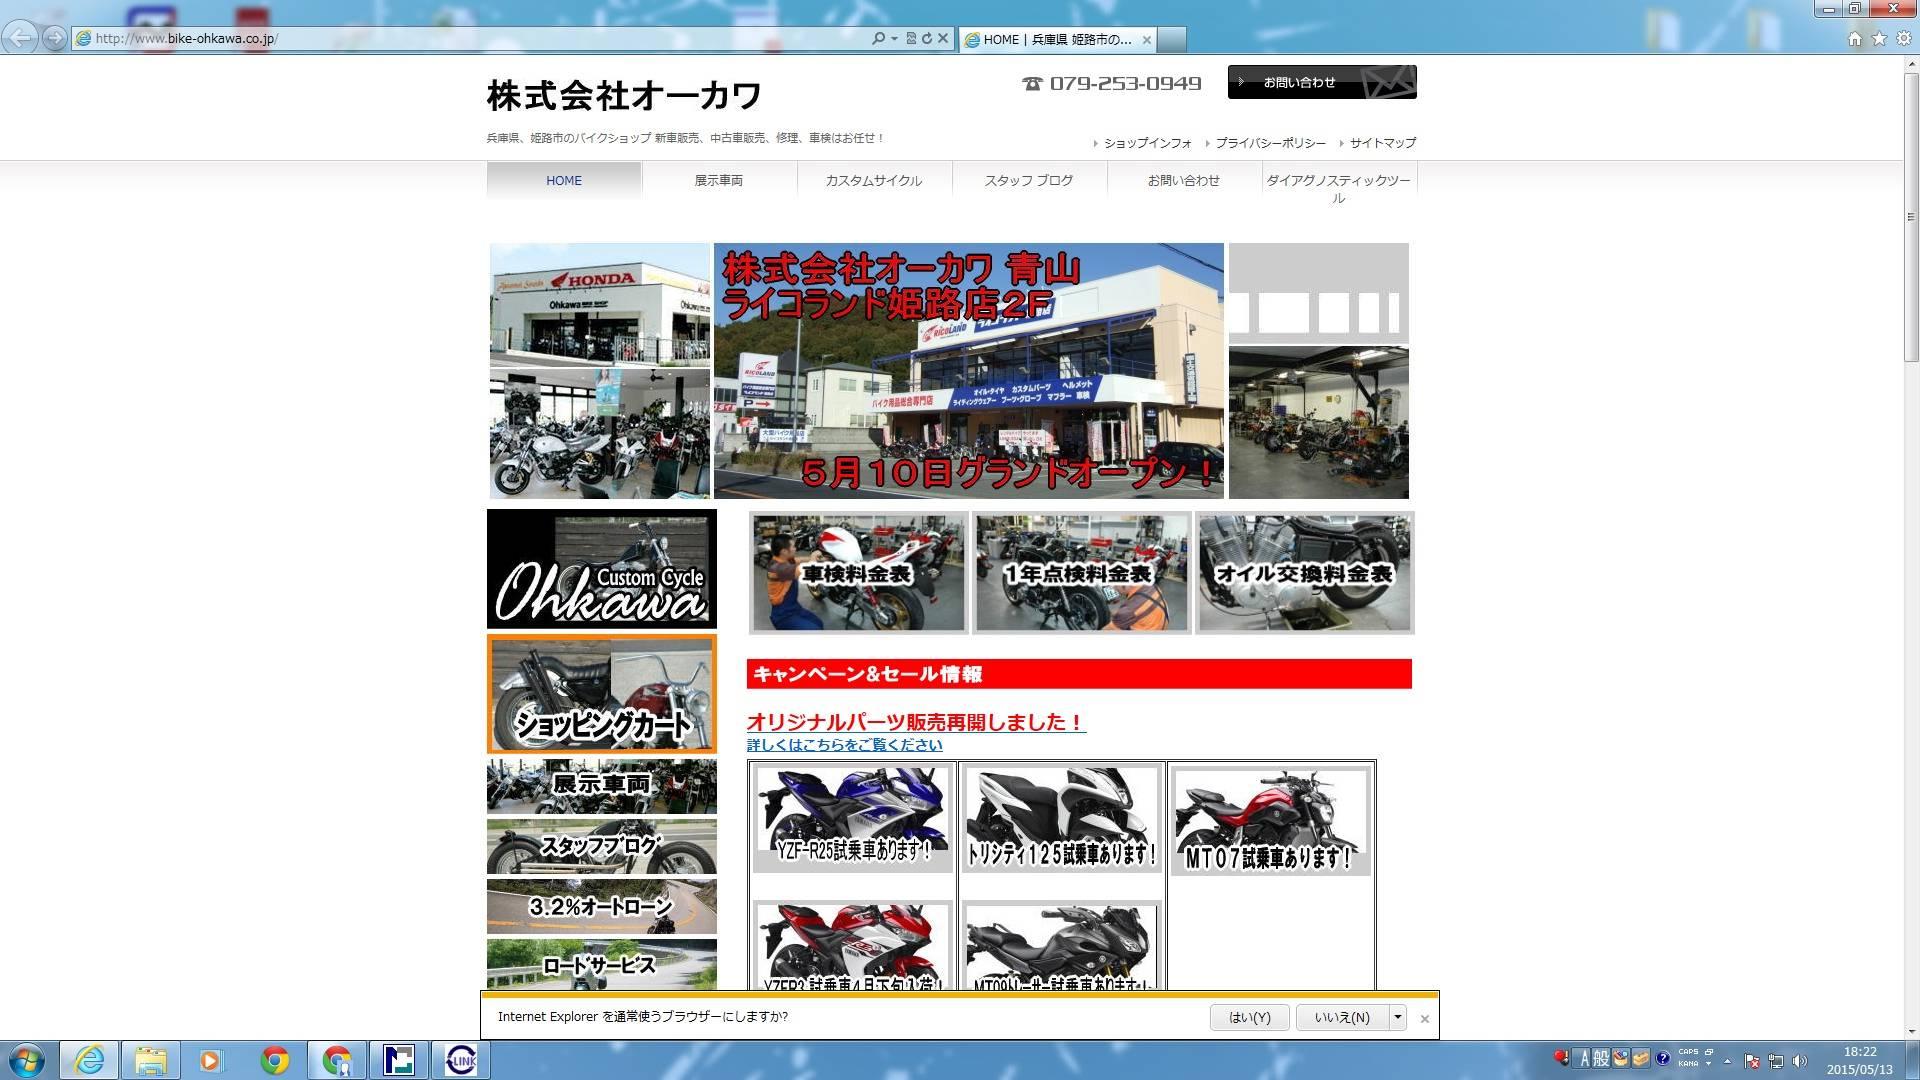 株式会社 オーカワ 青山